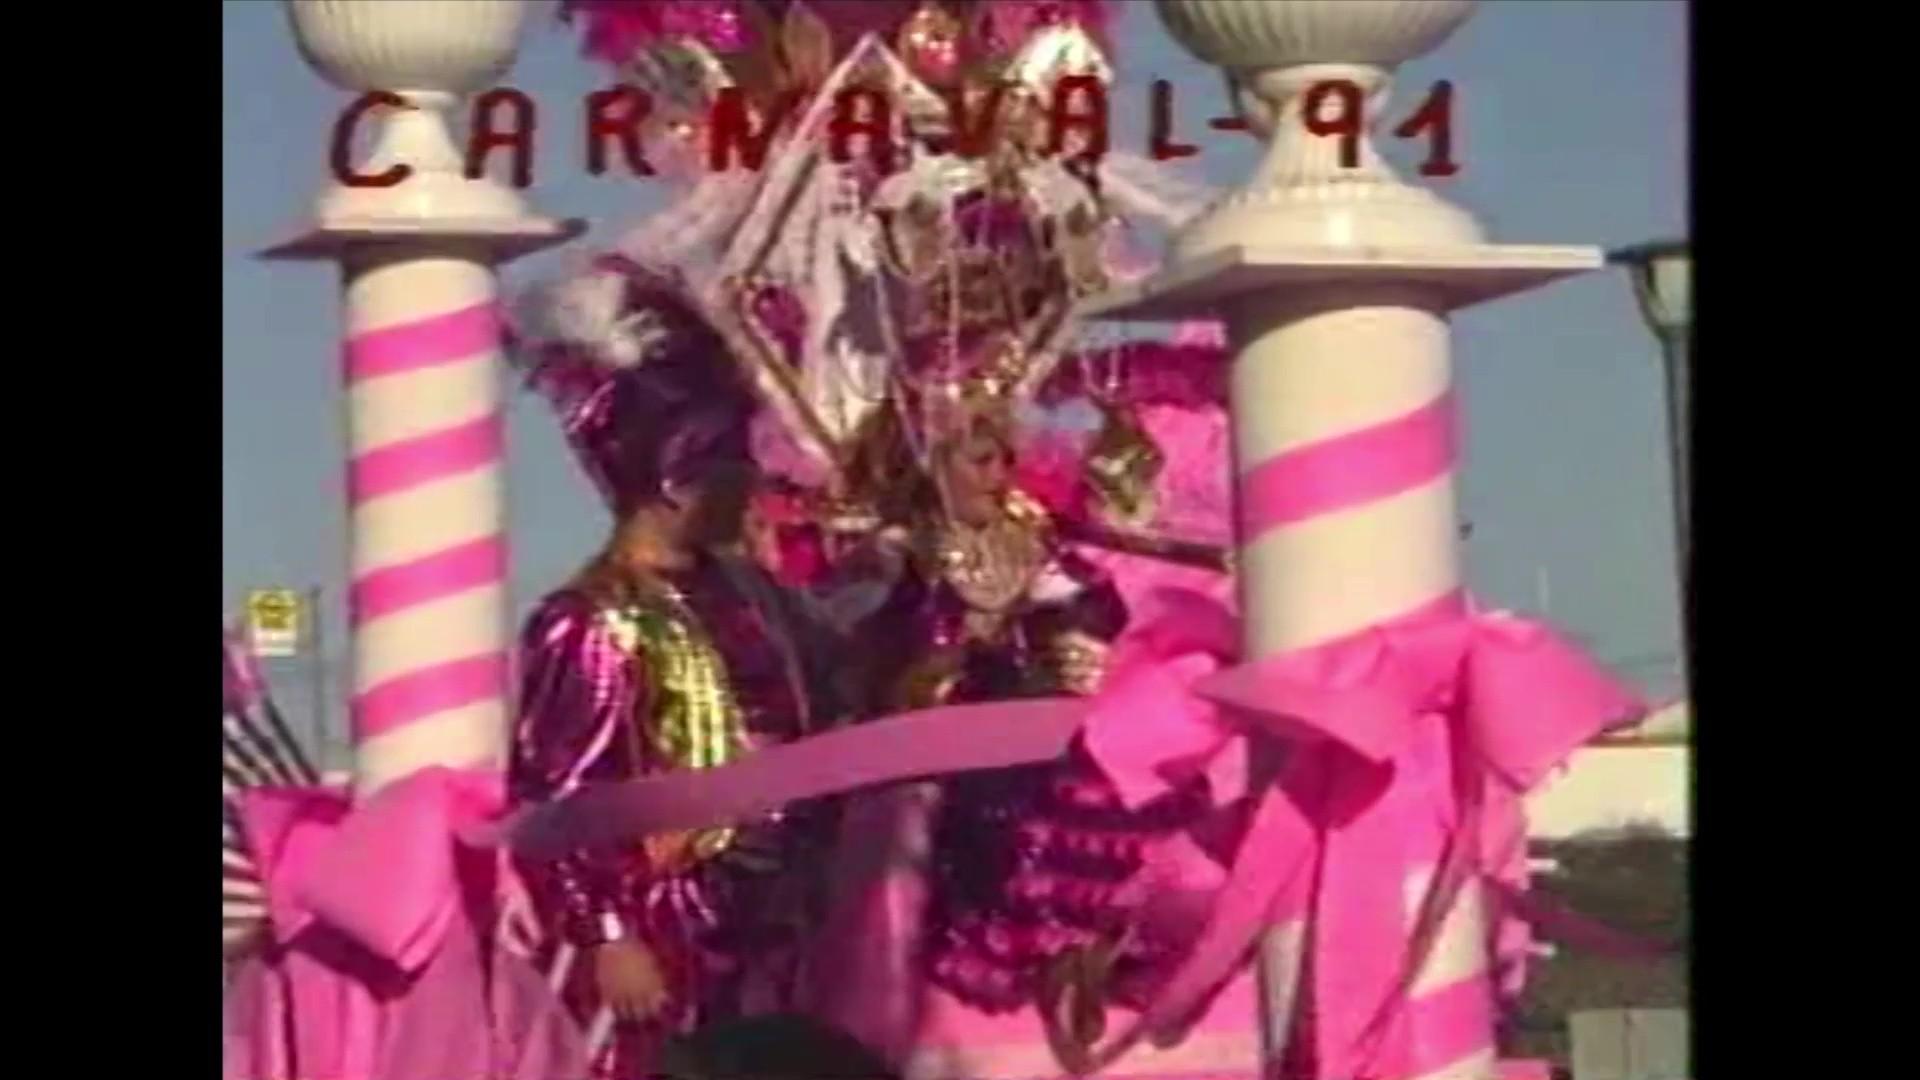 Coso del carnaval de Arrecife (1991)